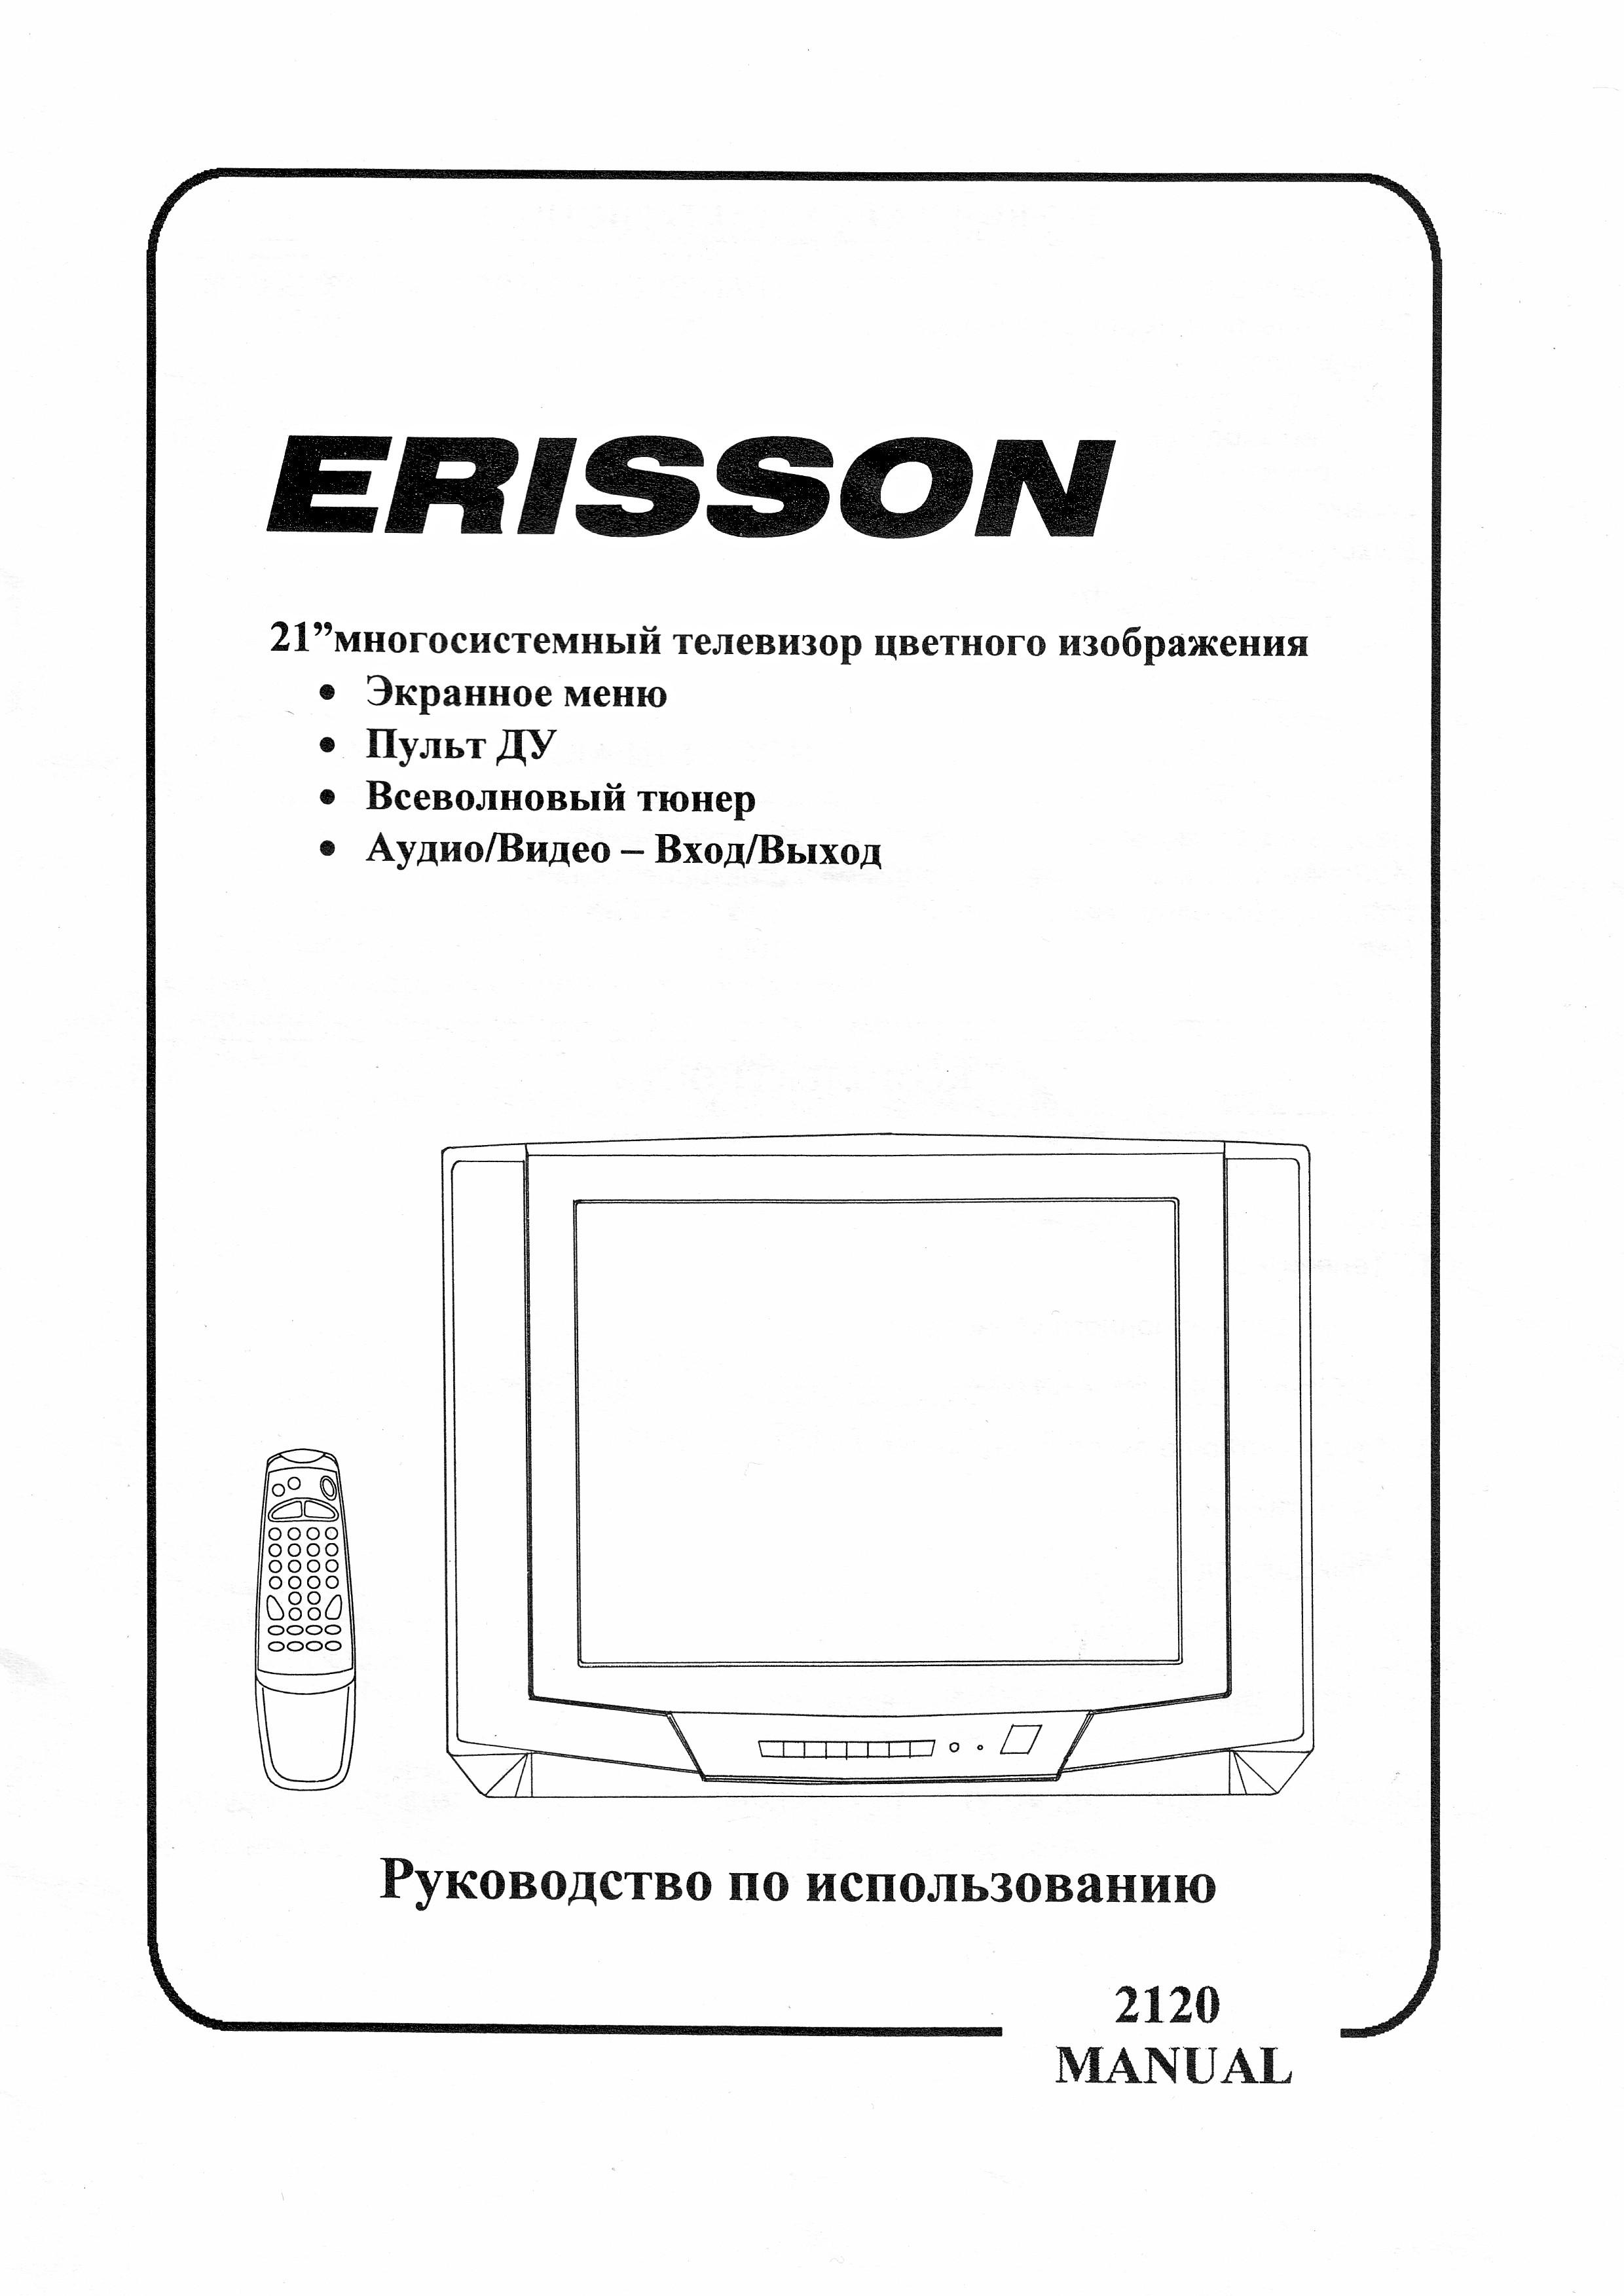 телевизор erisson 32lek14 скачать инструкцию